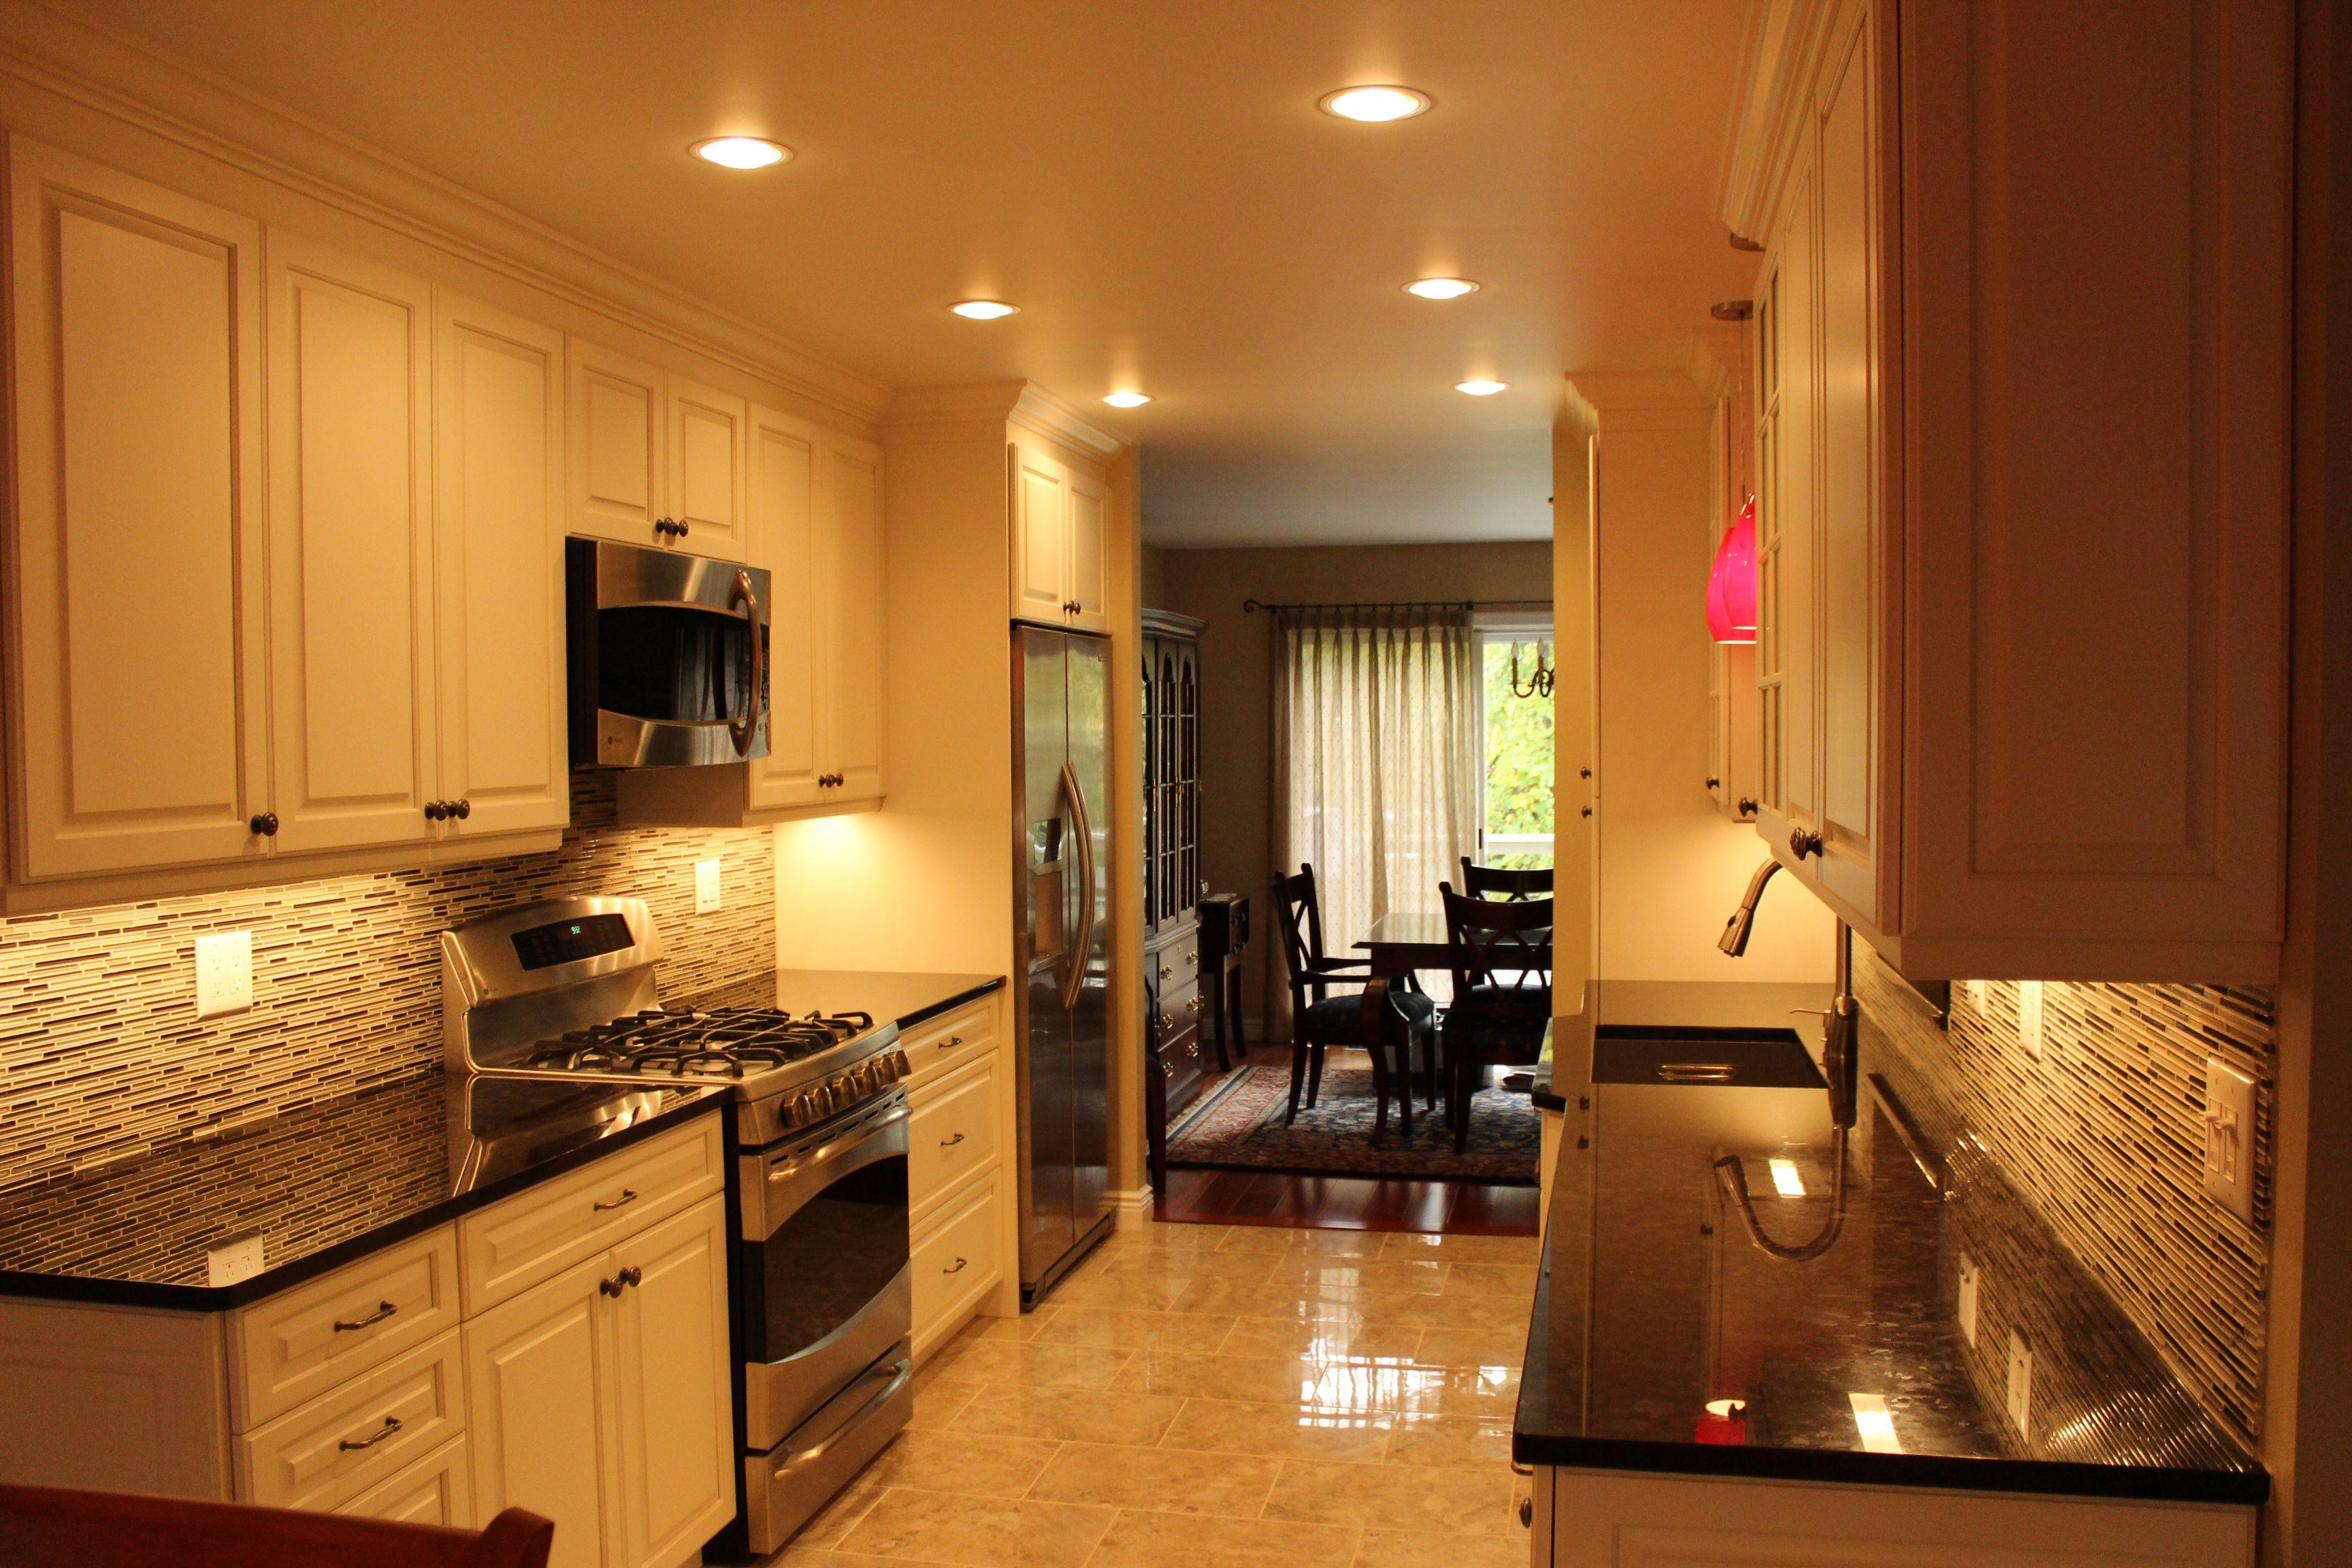 Majestic Kitchens & Bath Designer: Jodi Duerr - Plain ...